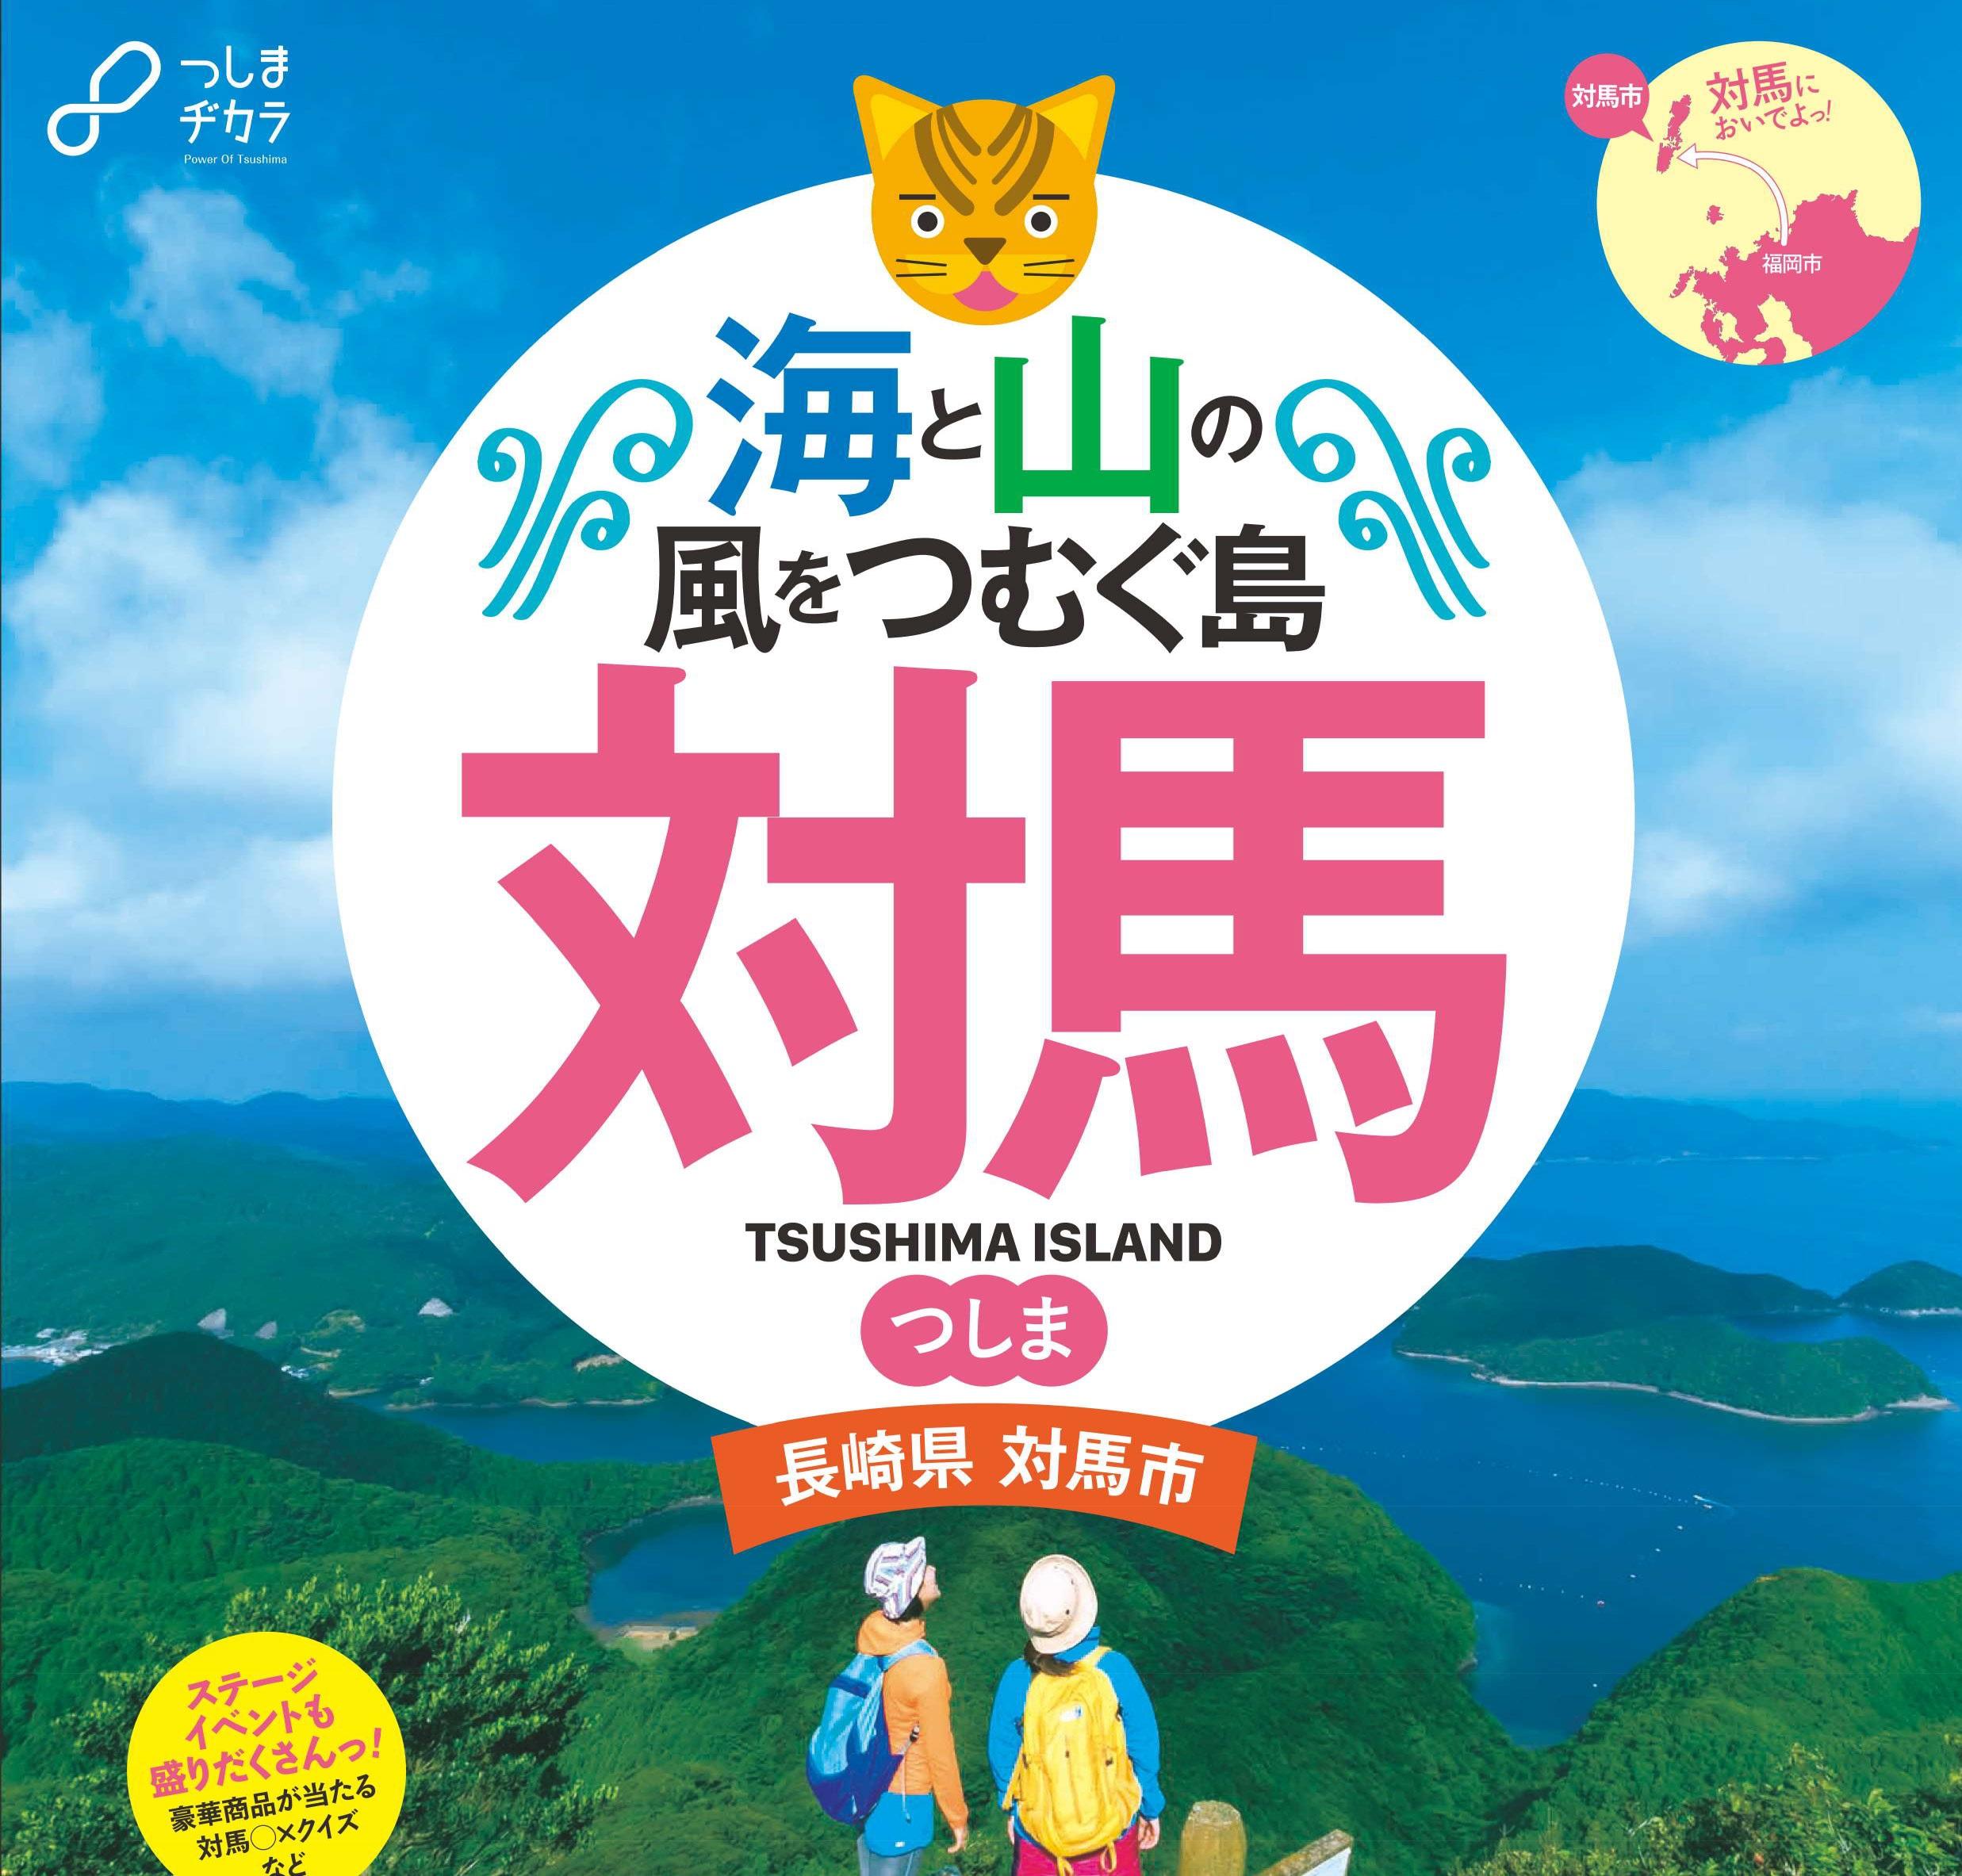 「対馬観光物産PR展 in 福岡~対馬屋台村~」開催!!